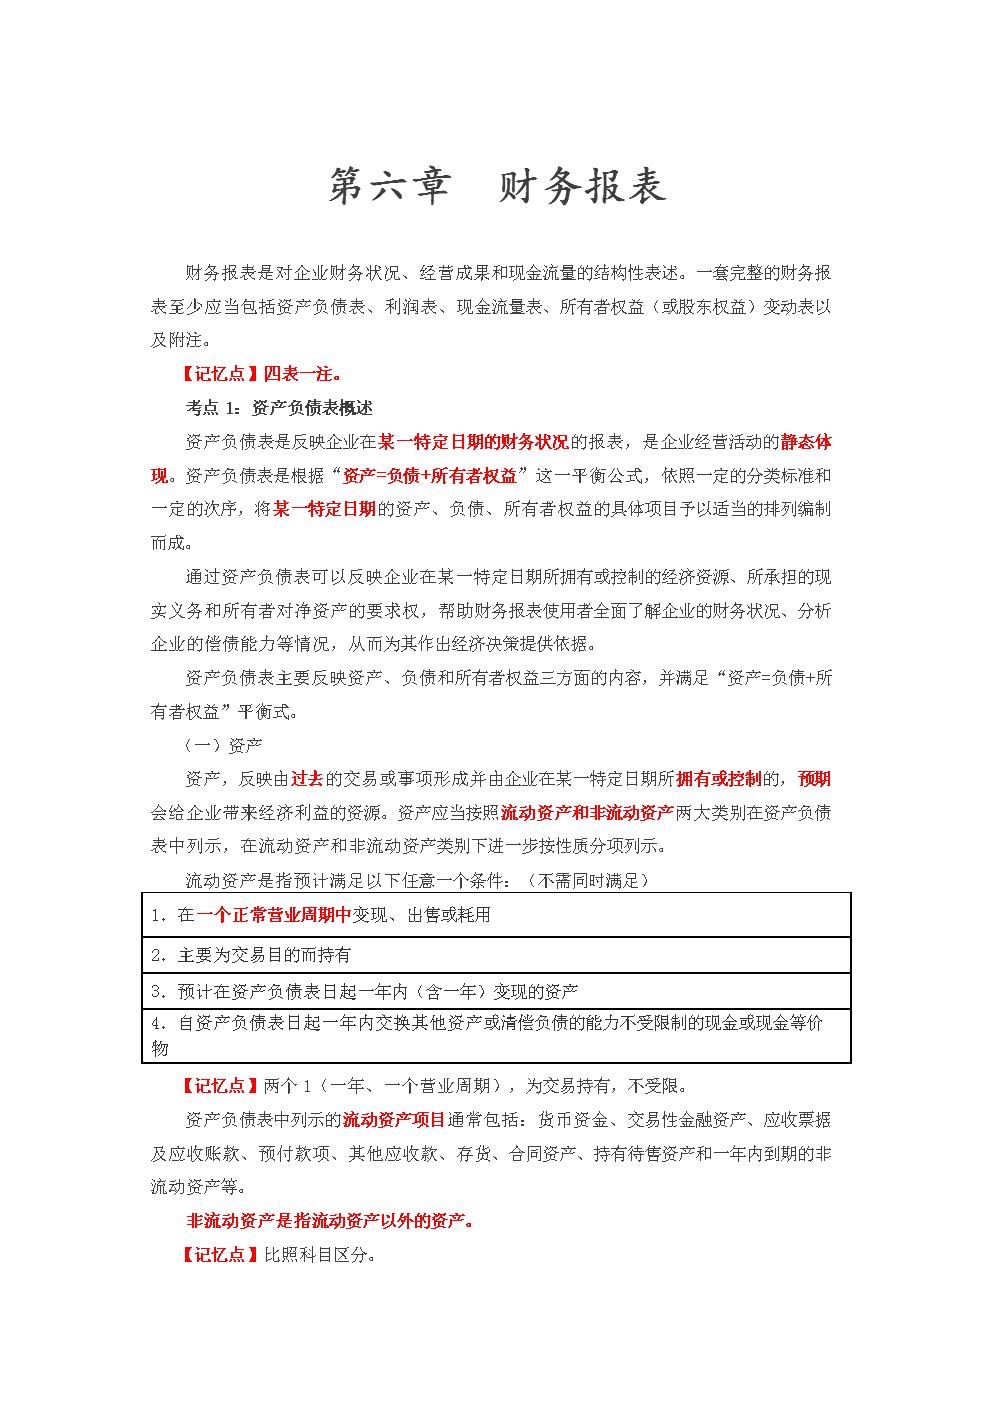 会计实务第六章第一节资产负债表.doc